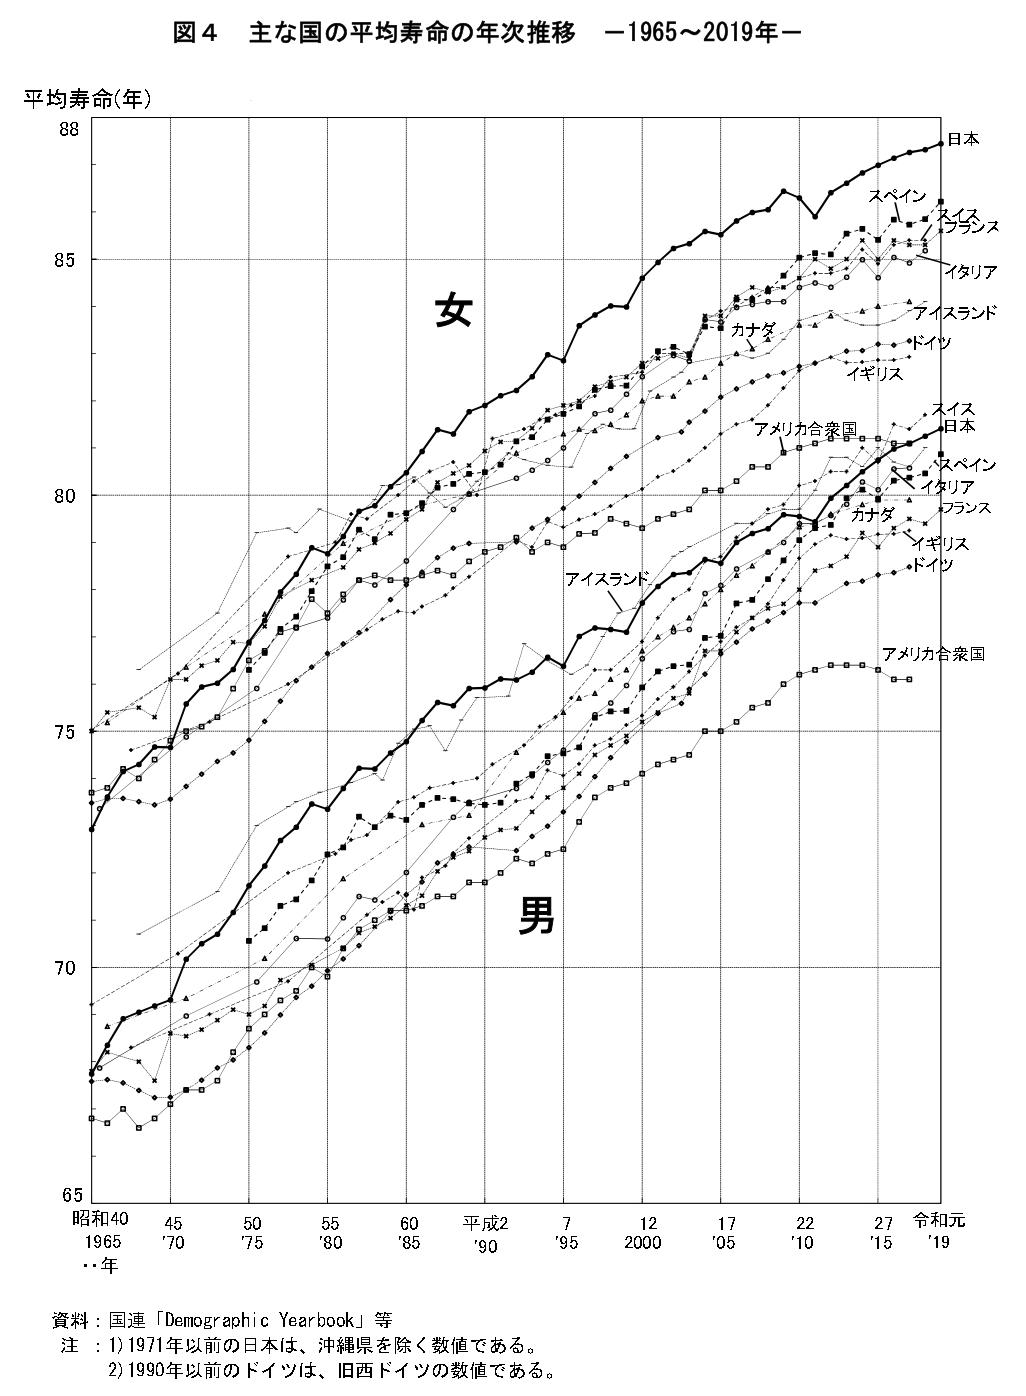 図4 主な国の平均寿命の年次推移 -1965~2019年-